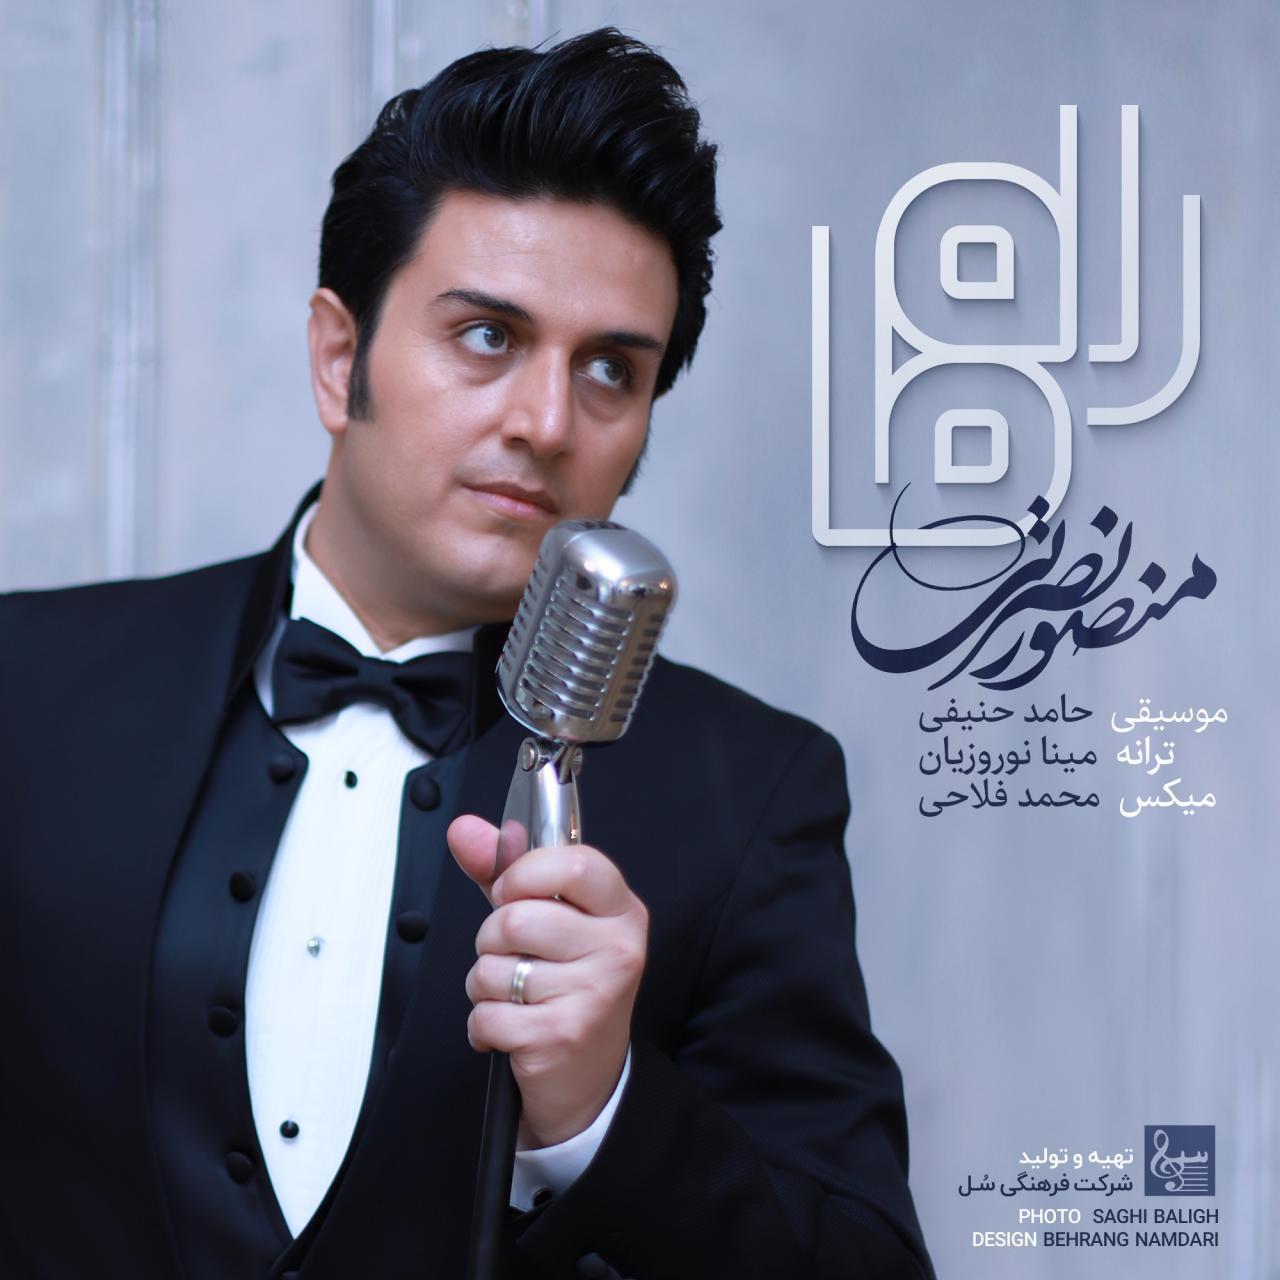 منصور نصرتی به نام راه ما